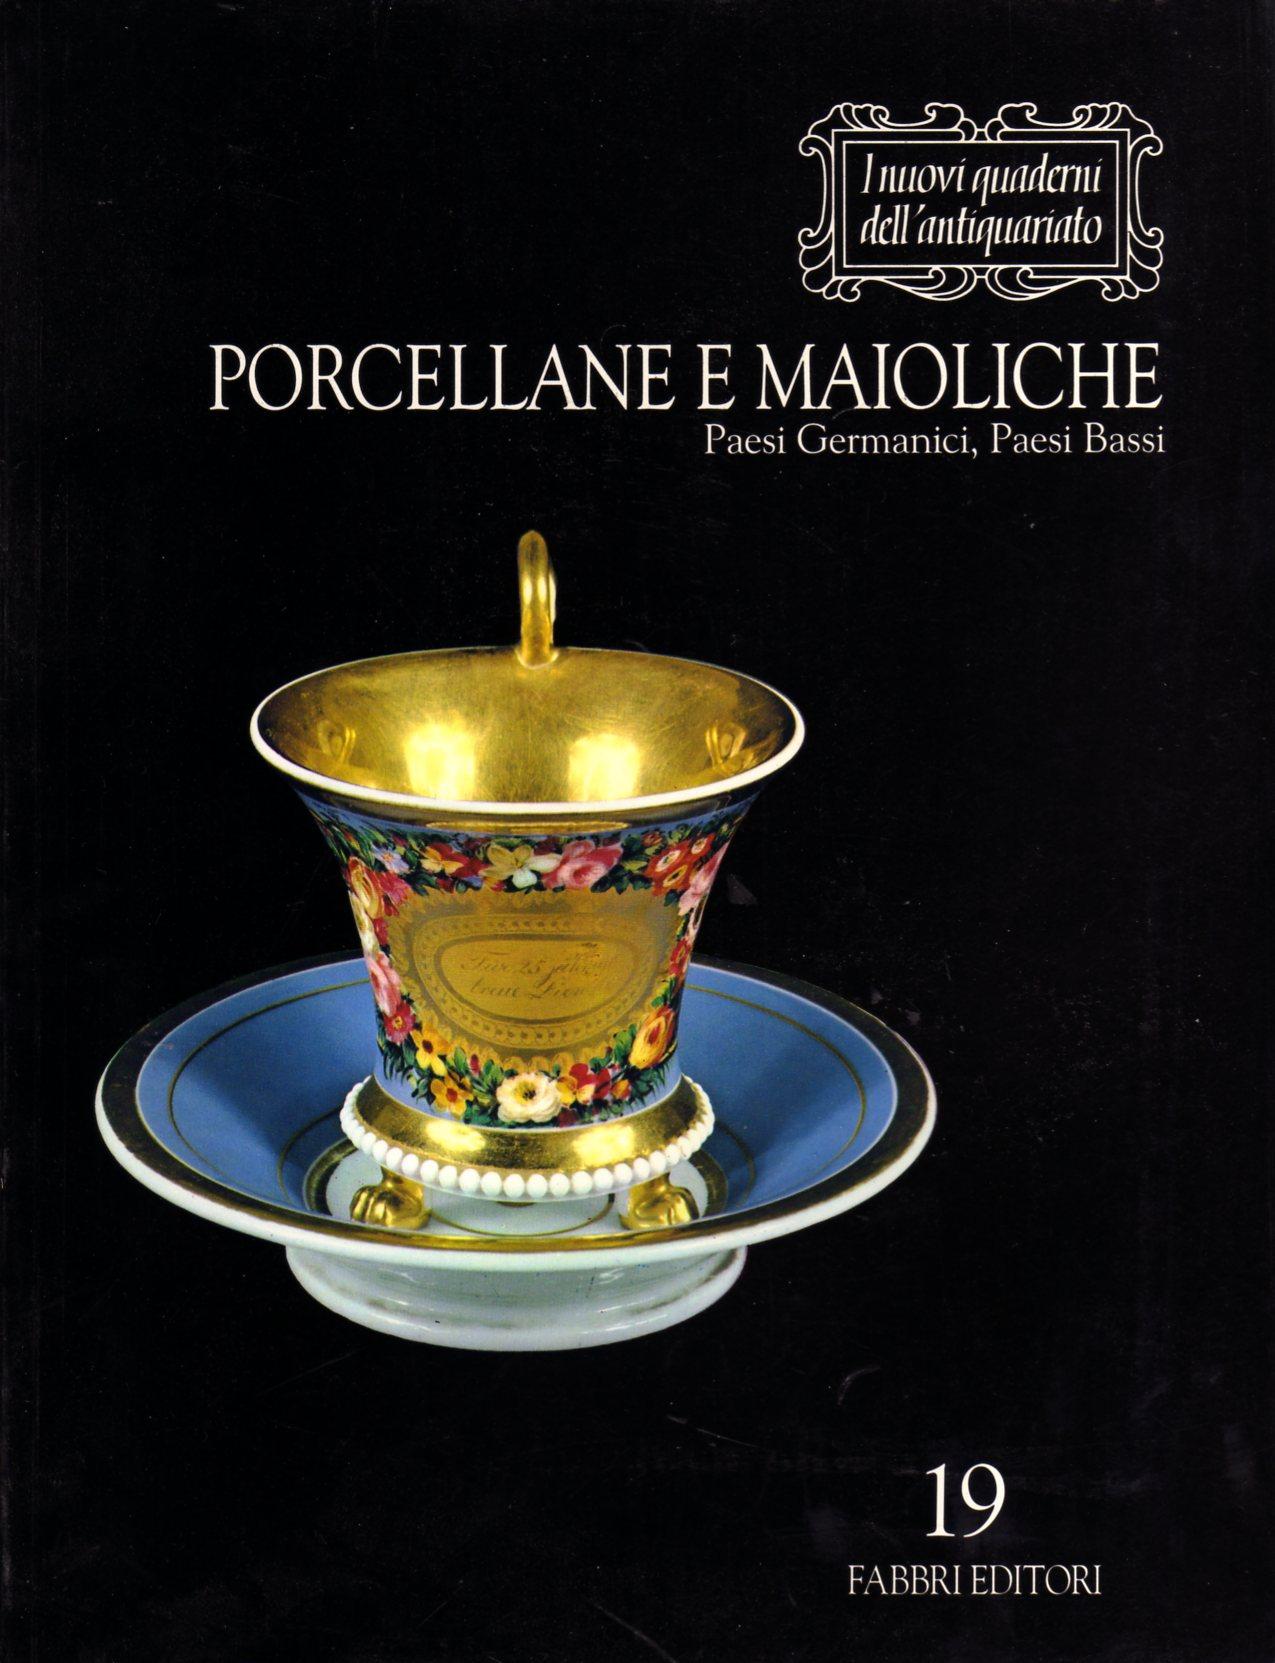 Porcellane e maioliche